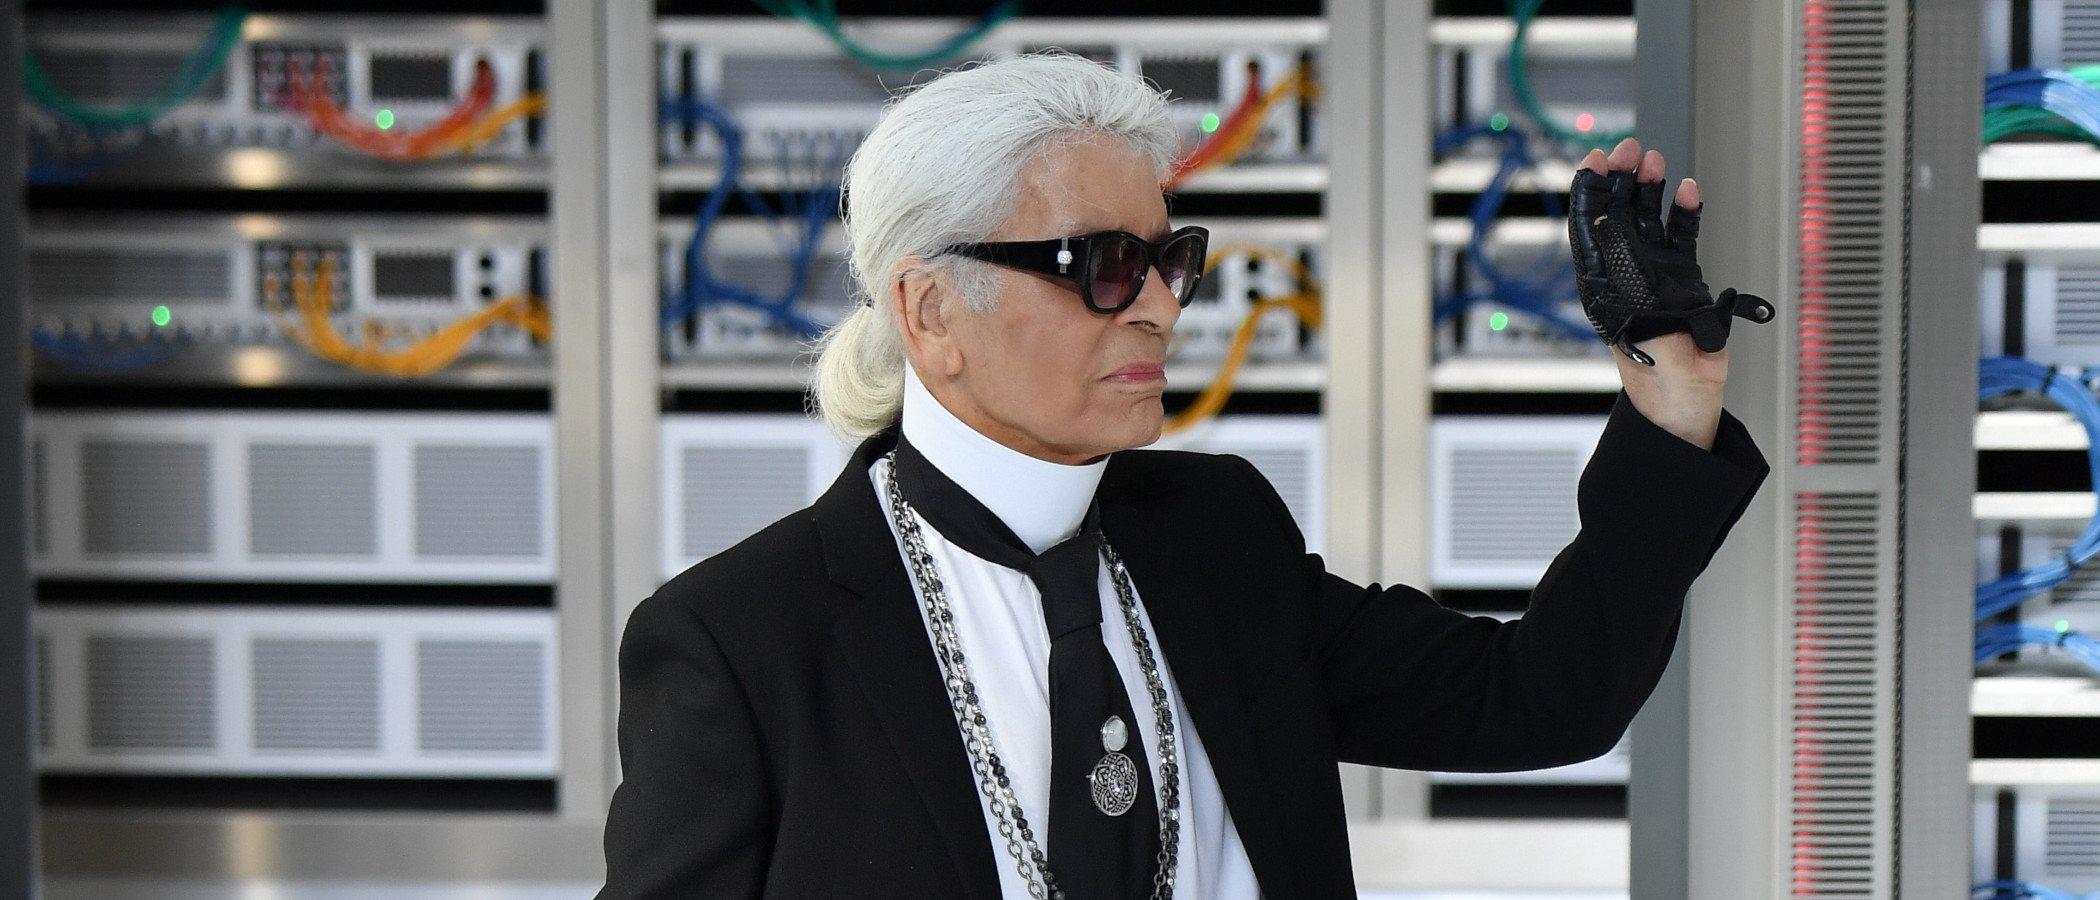 La colección de Karl Lagerfeld con Olivia Palermo ultima los detalles de su lanzamiento